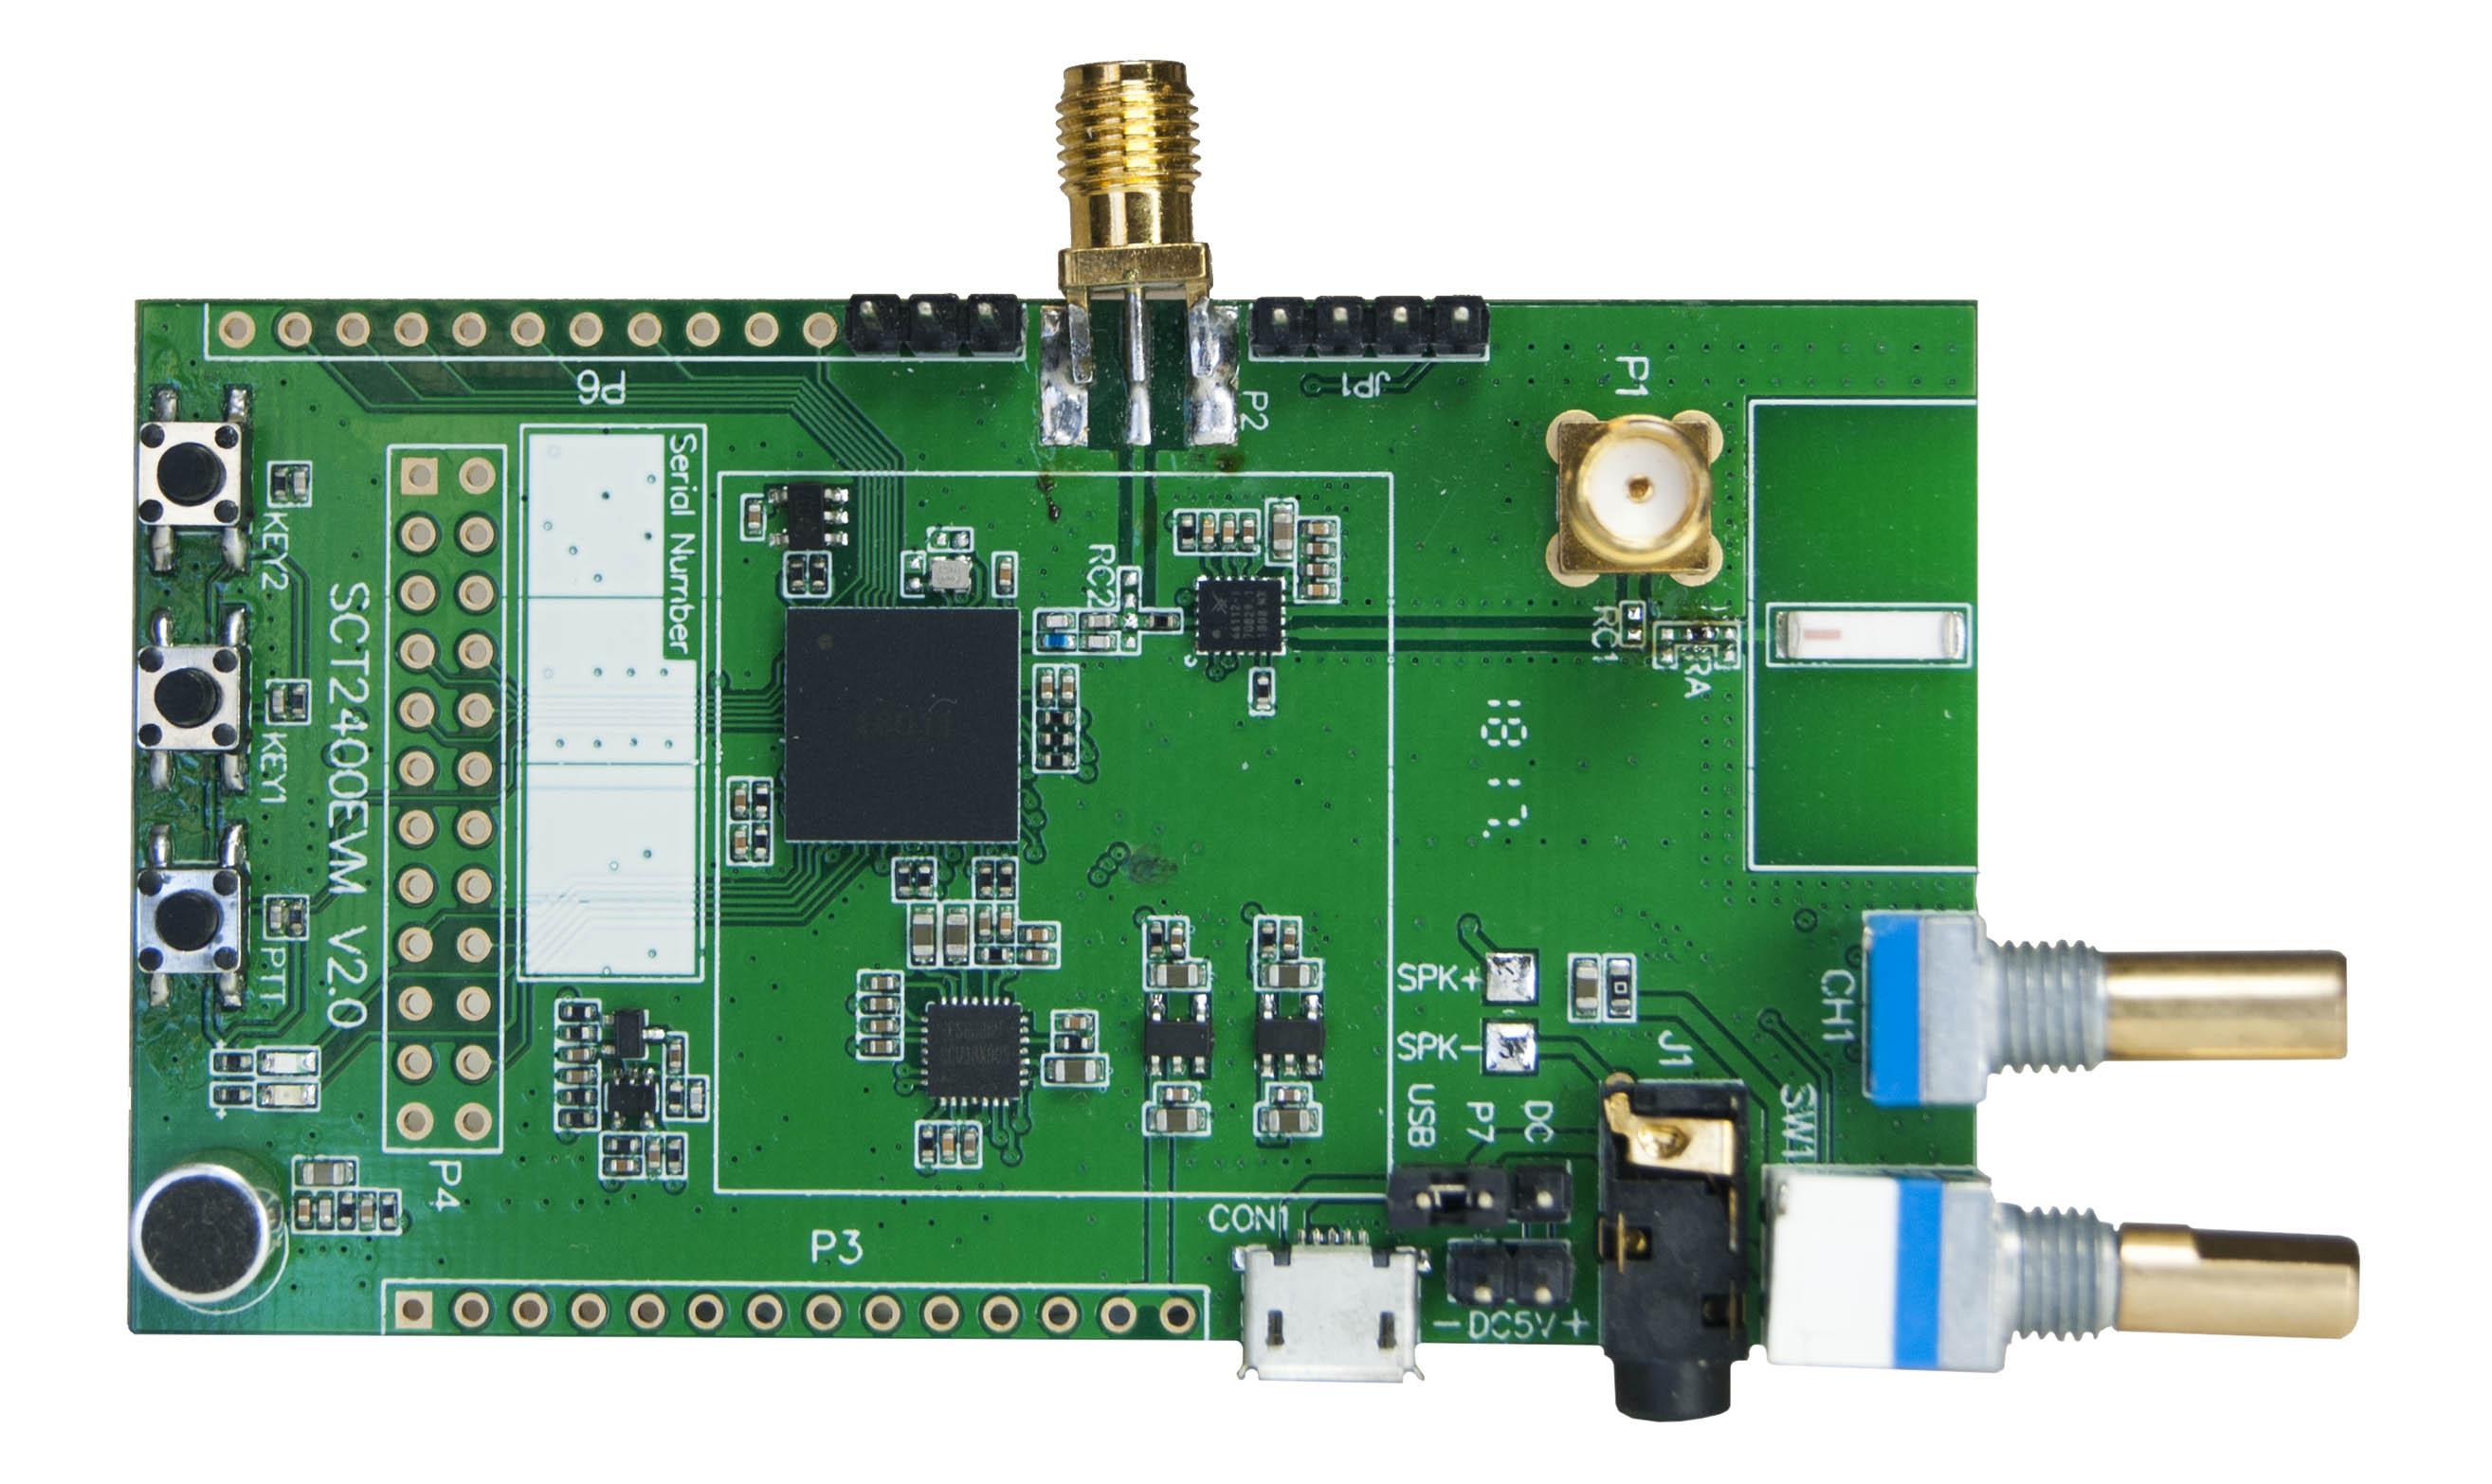 2.4GHz Digital Voice and Data Transceiver achieve 12km range